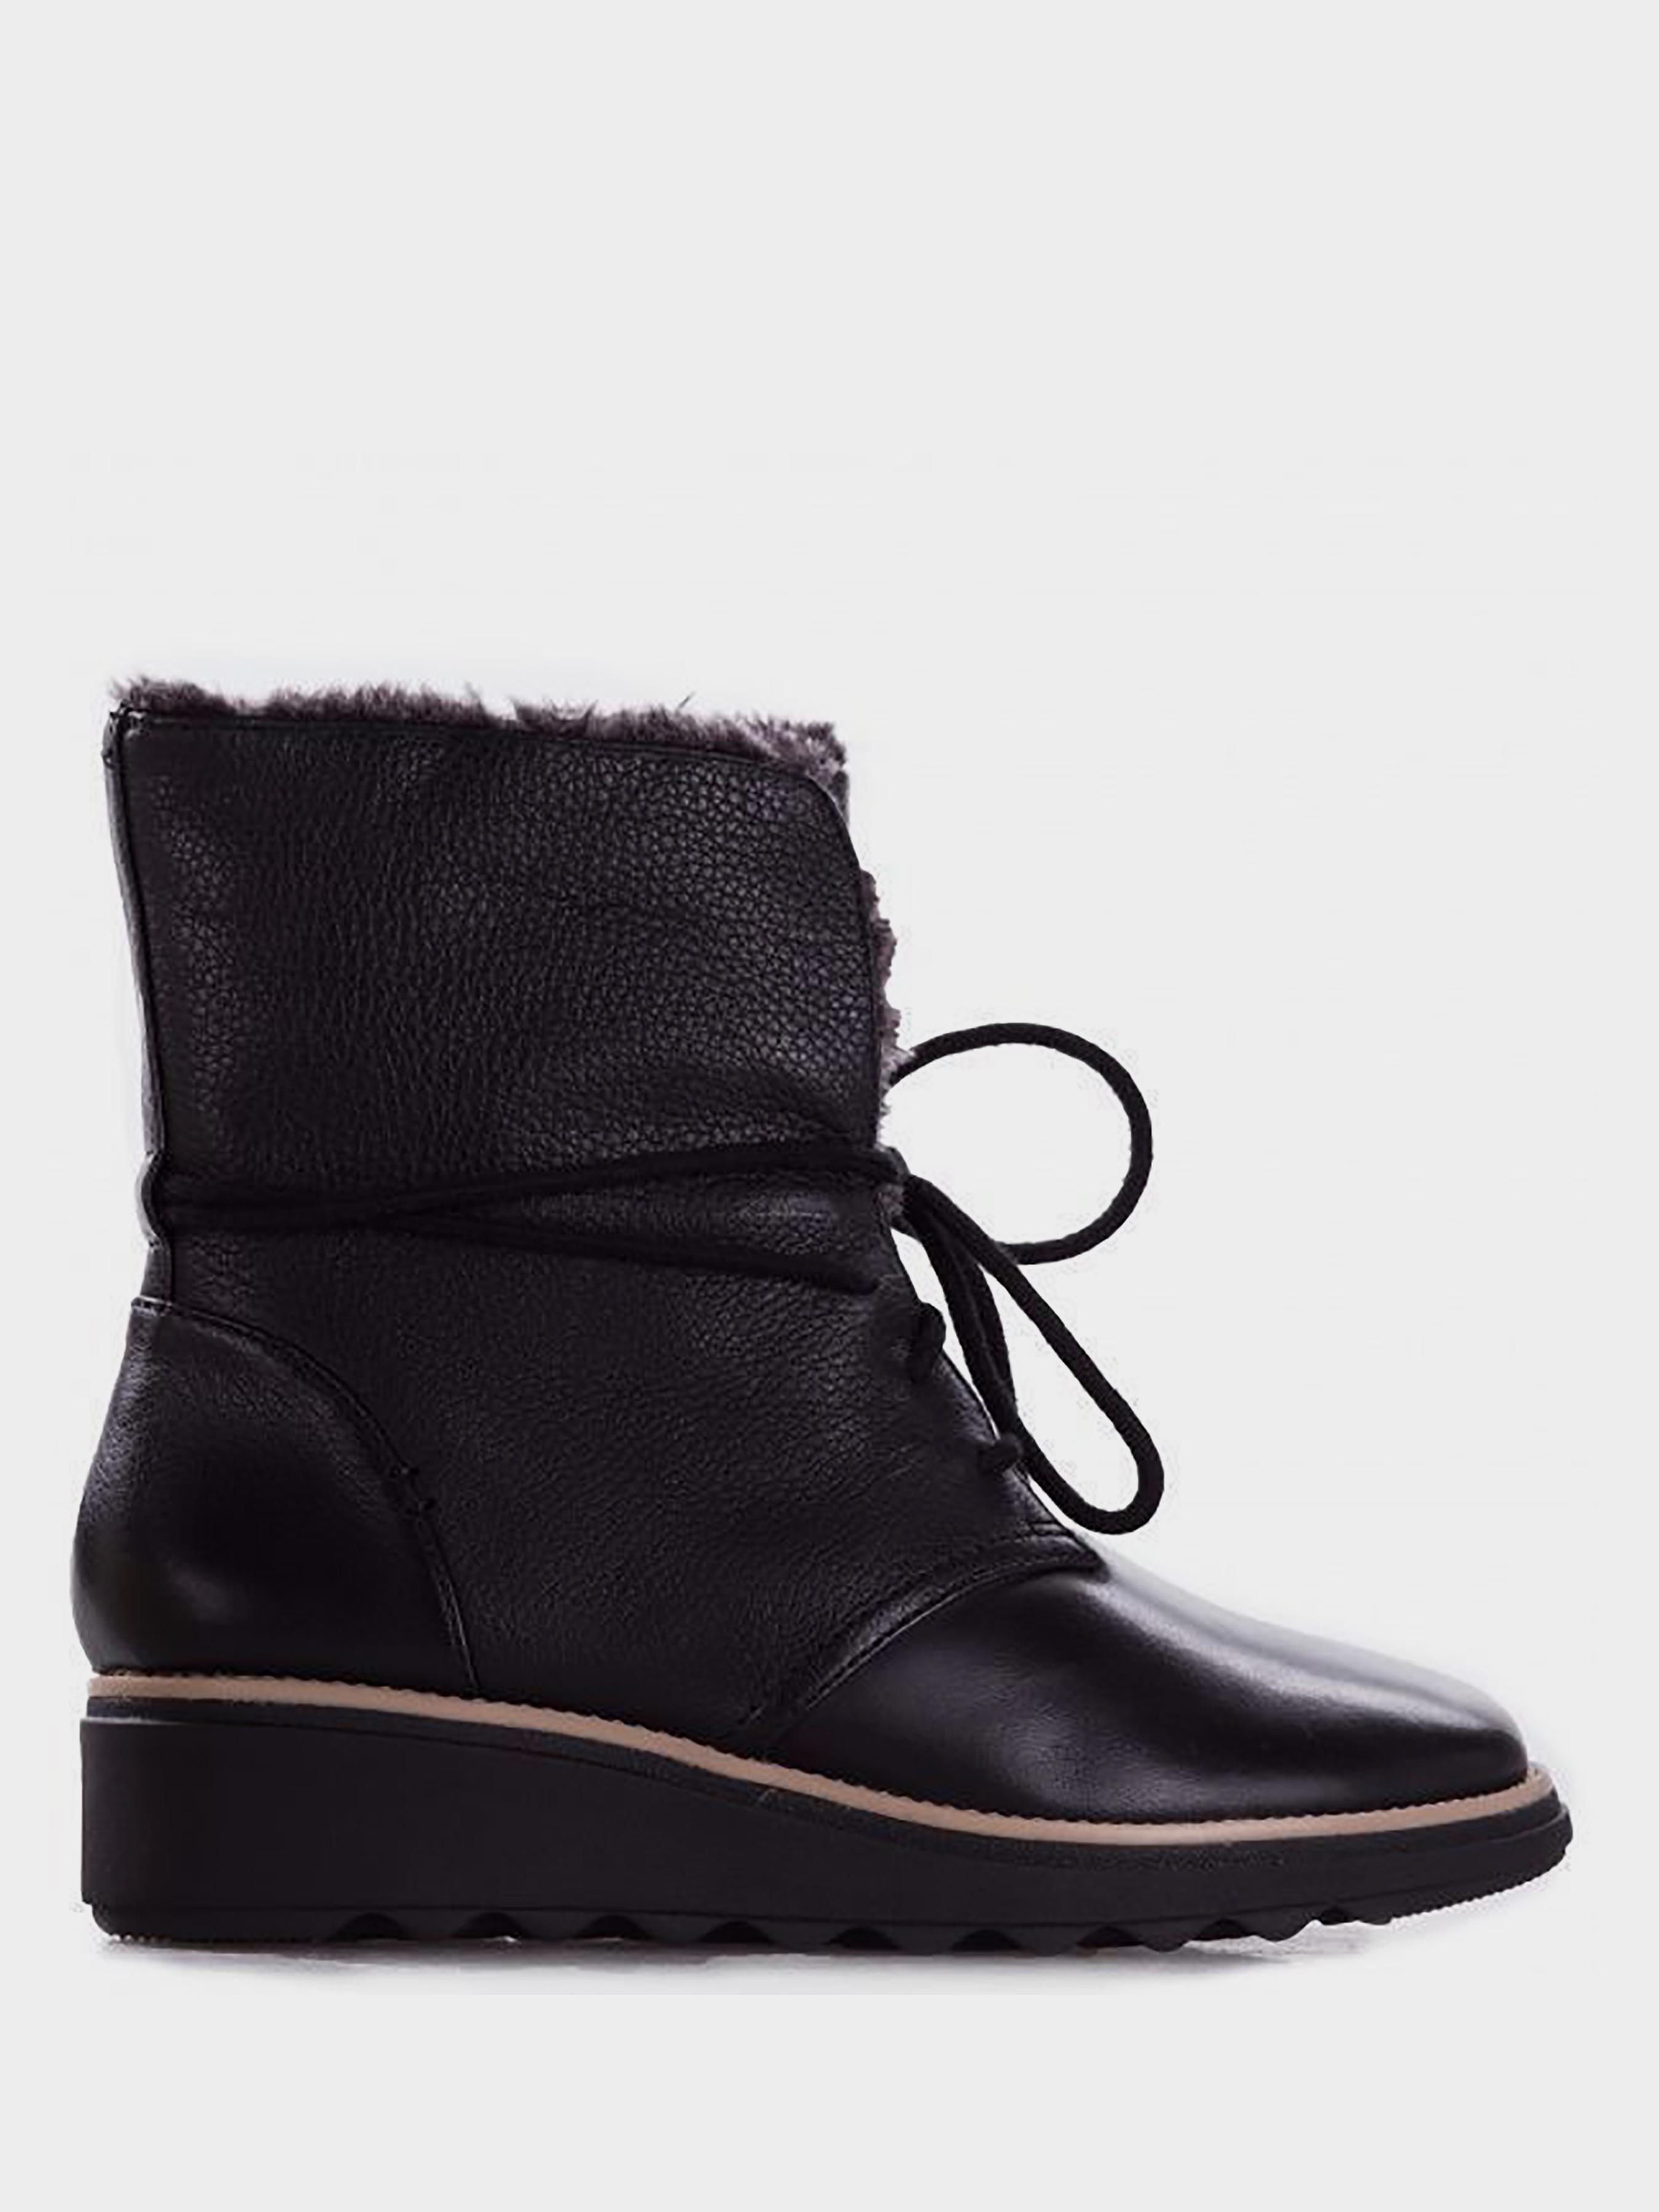 Ботинки женские Clarks модель OW4267 - купить по лучшей цене в Киеве ... 4398690af63d2